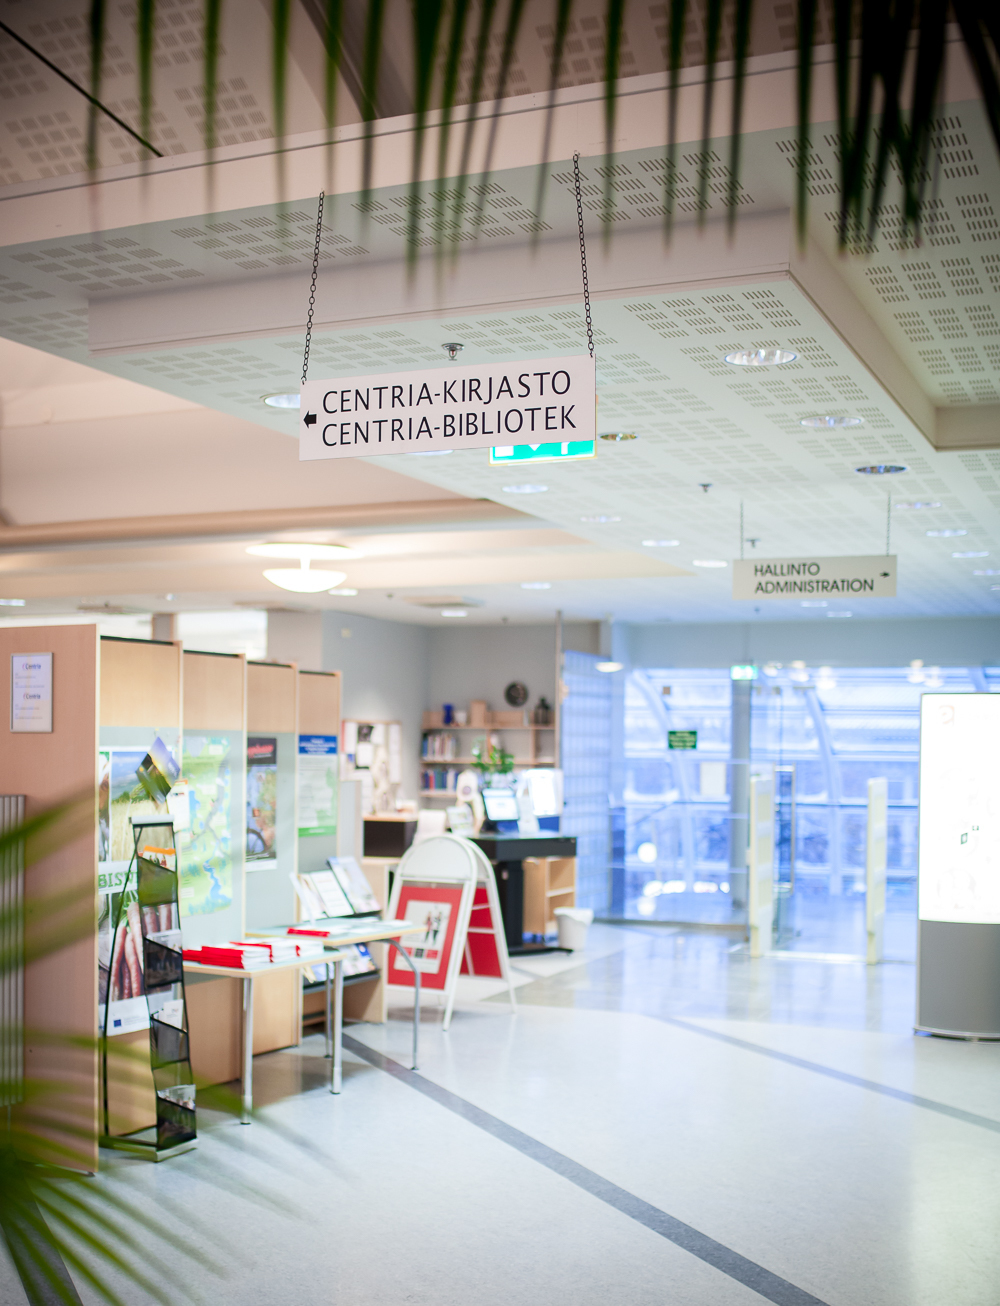 Centria-kirjasto Kokkola